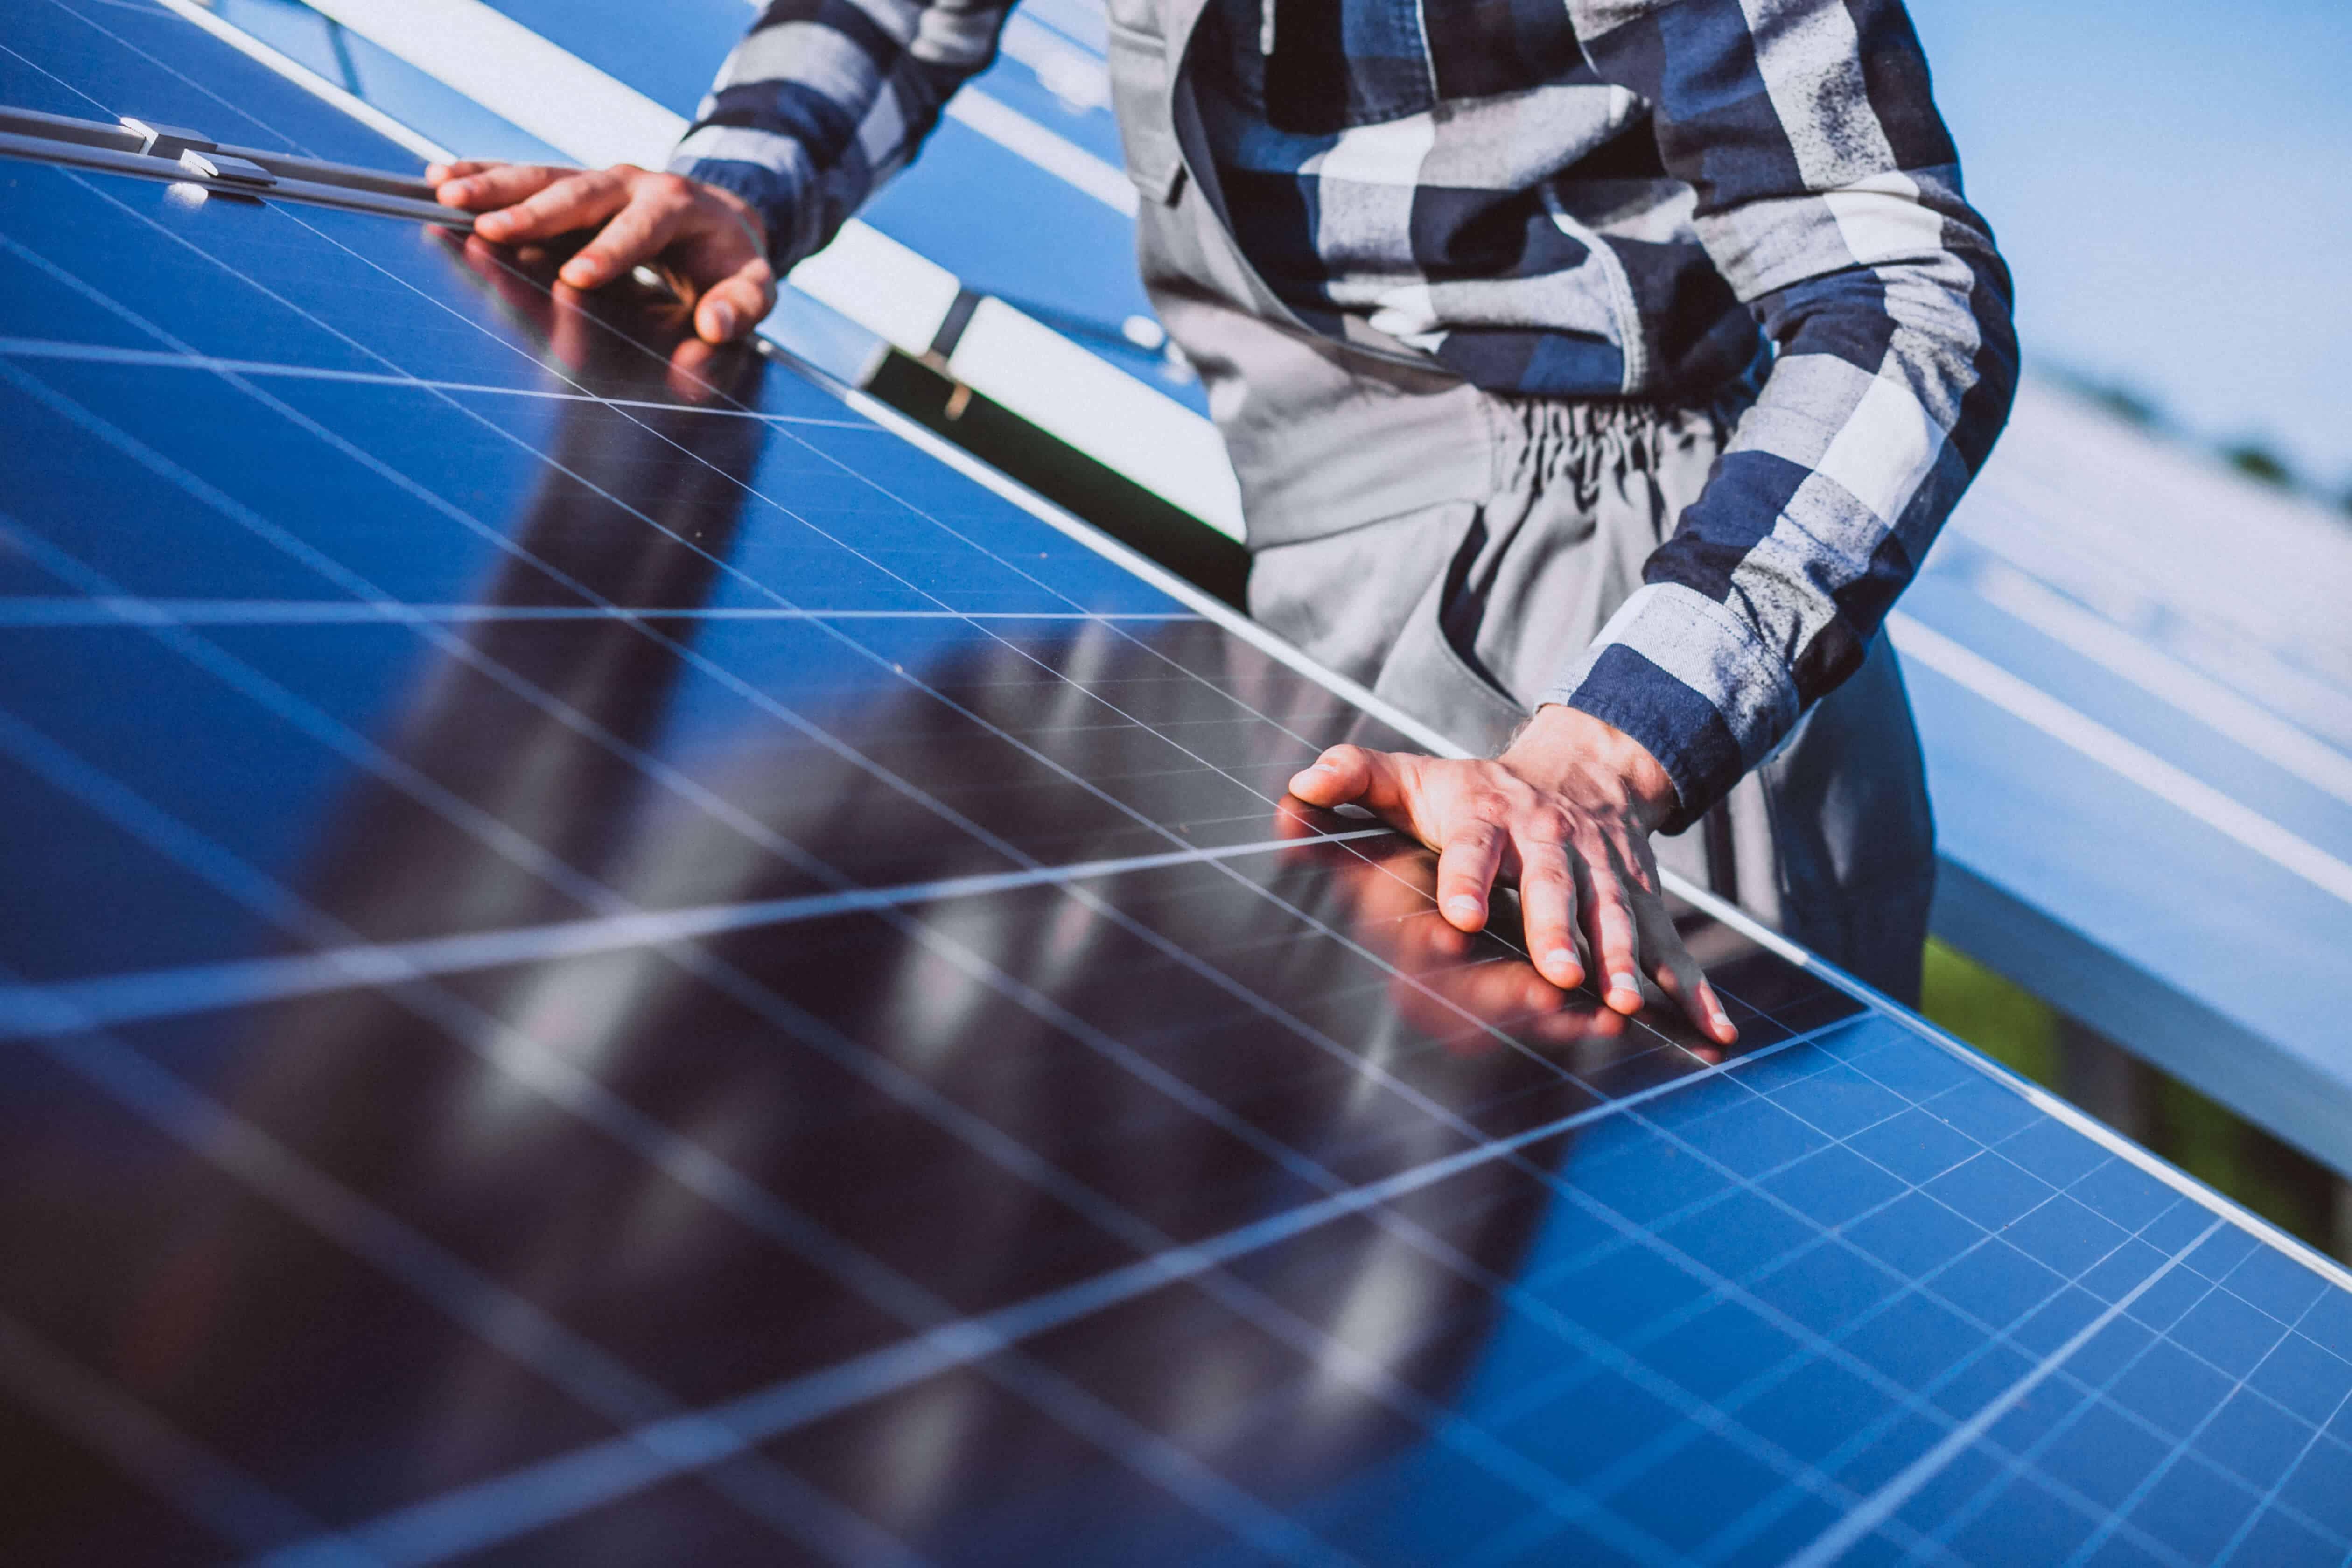 קורס תכנון והקמת מערכות סולאריות